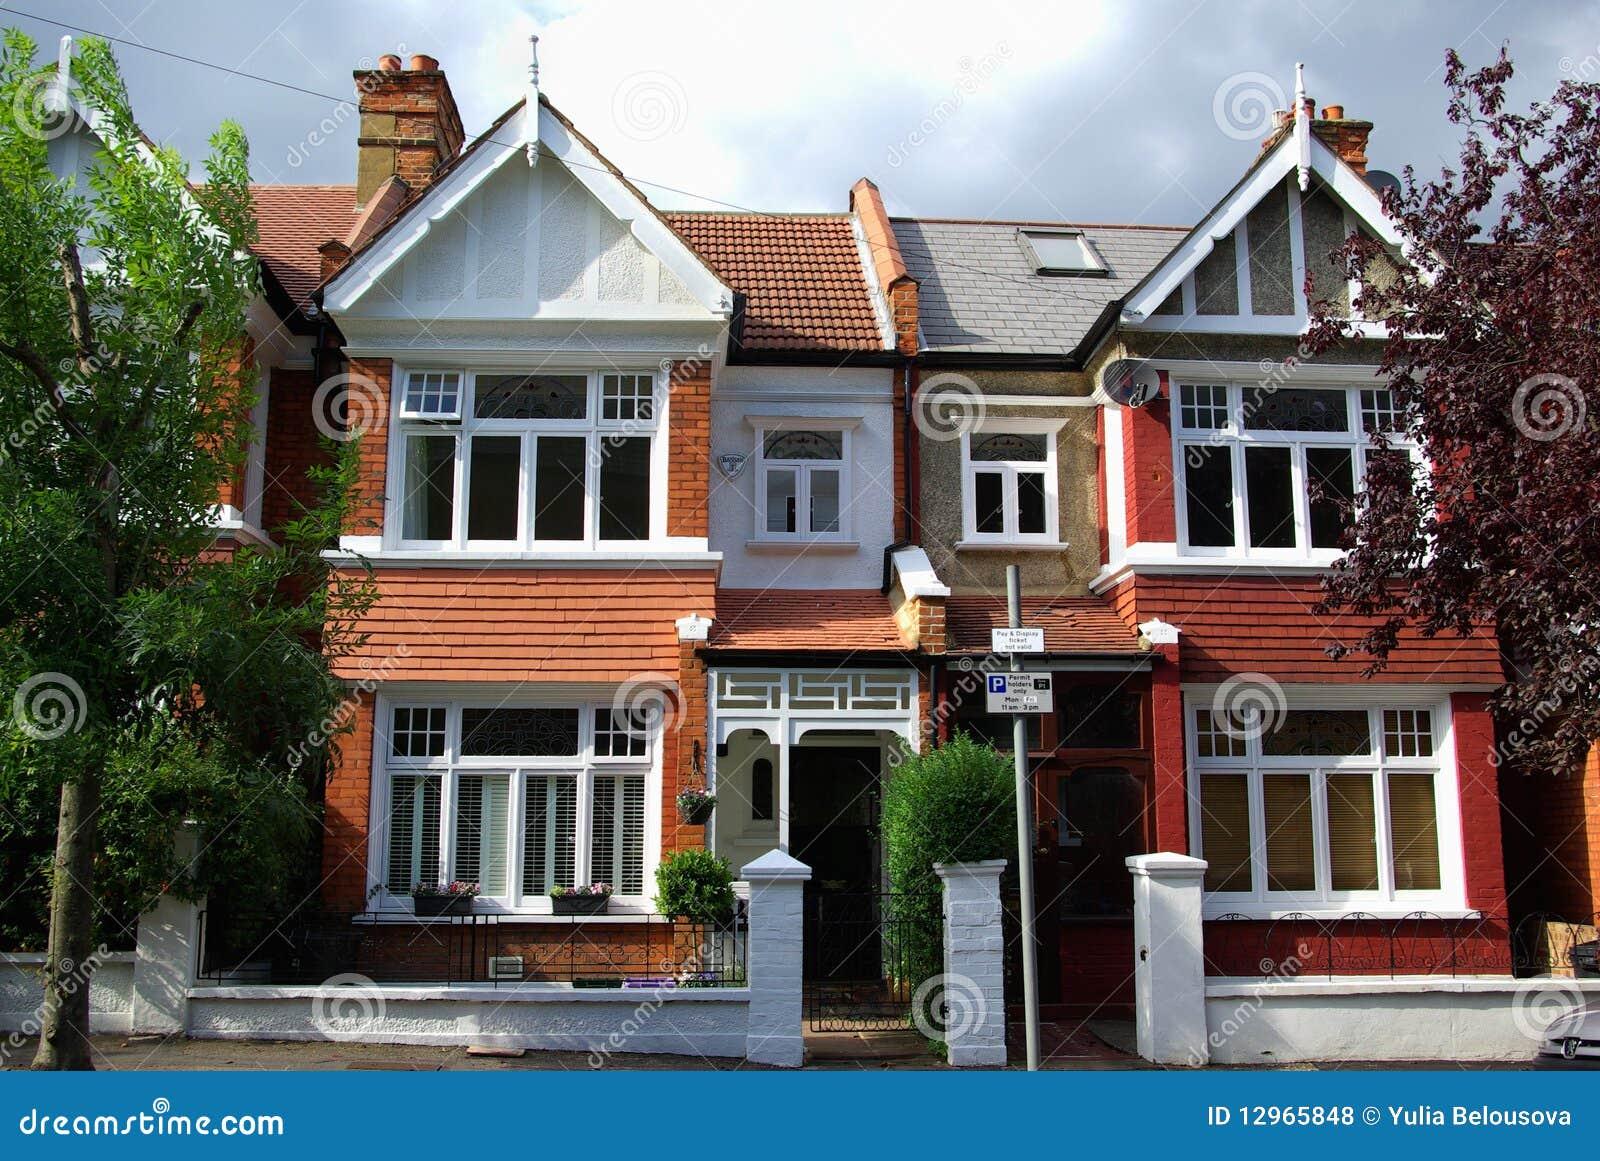 English Tudor House Plans English Houses Stock Photo Image Of Europe Community